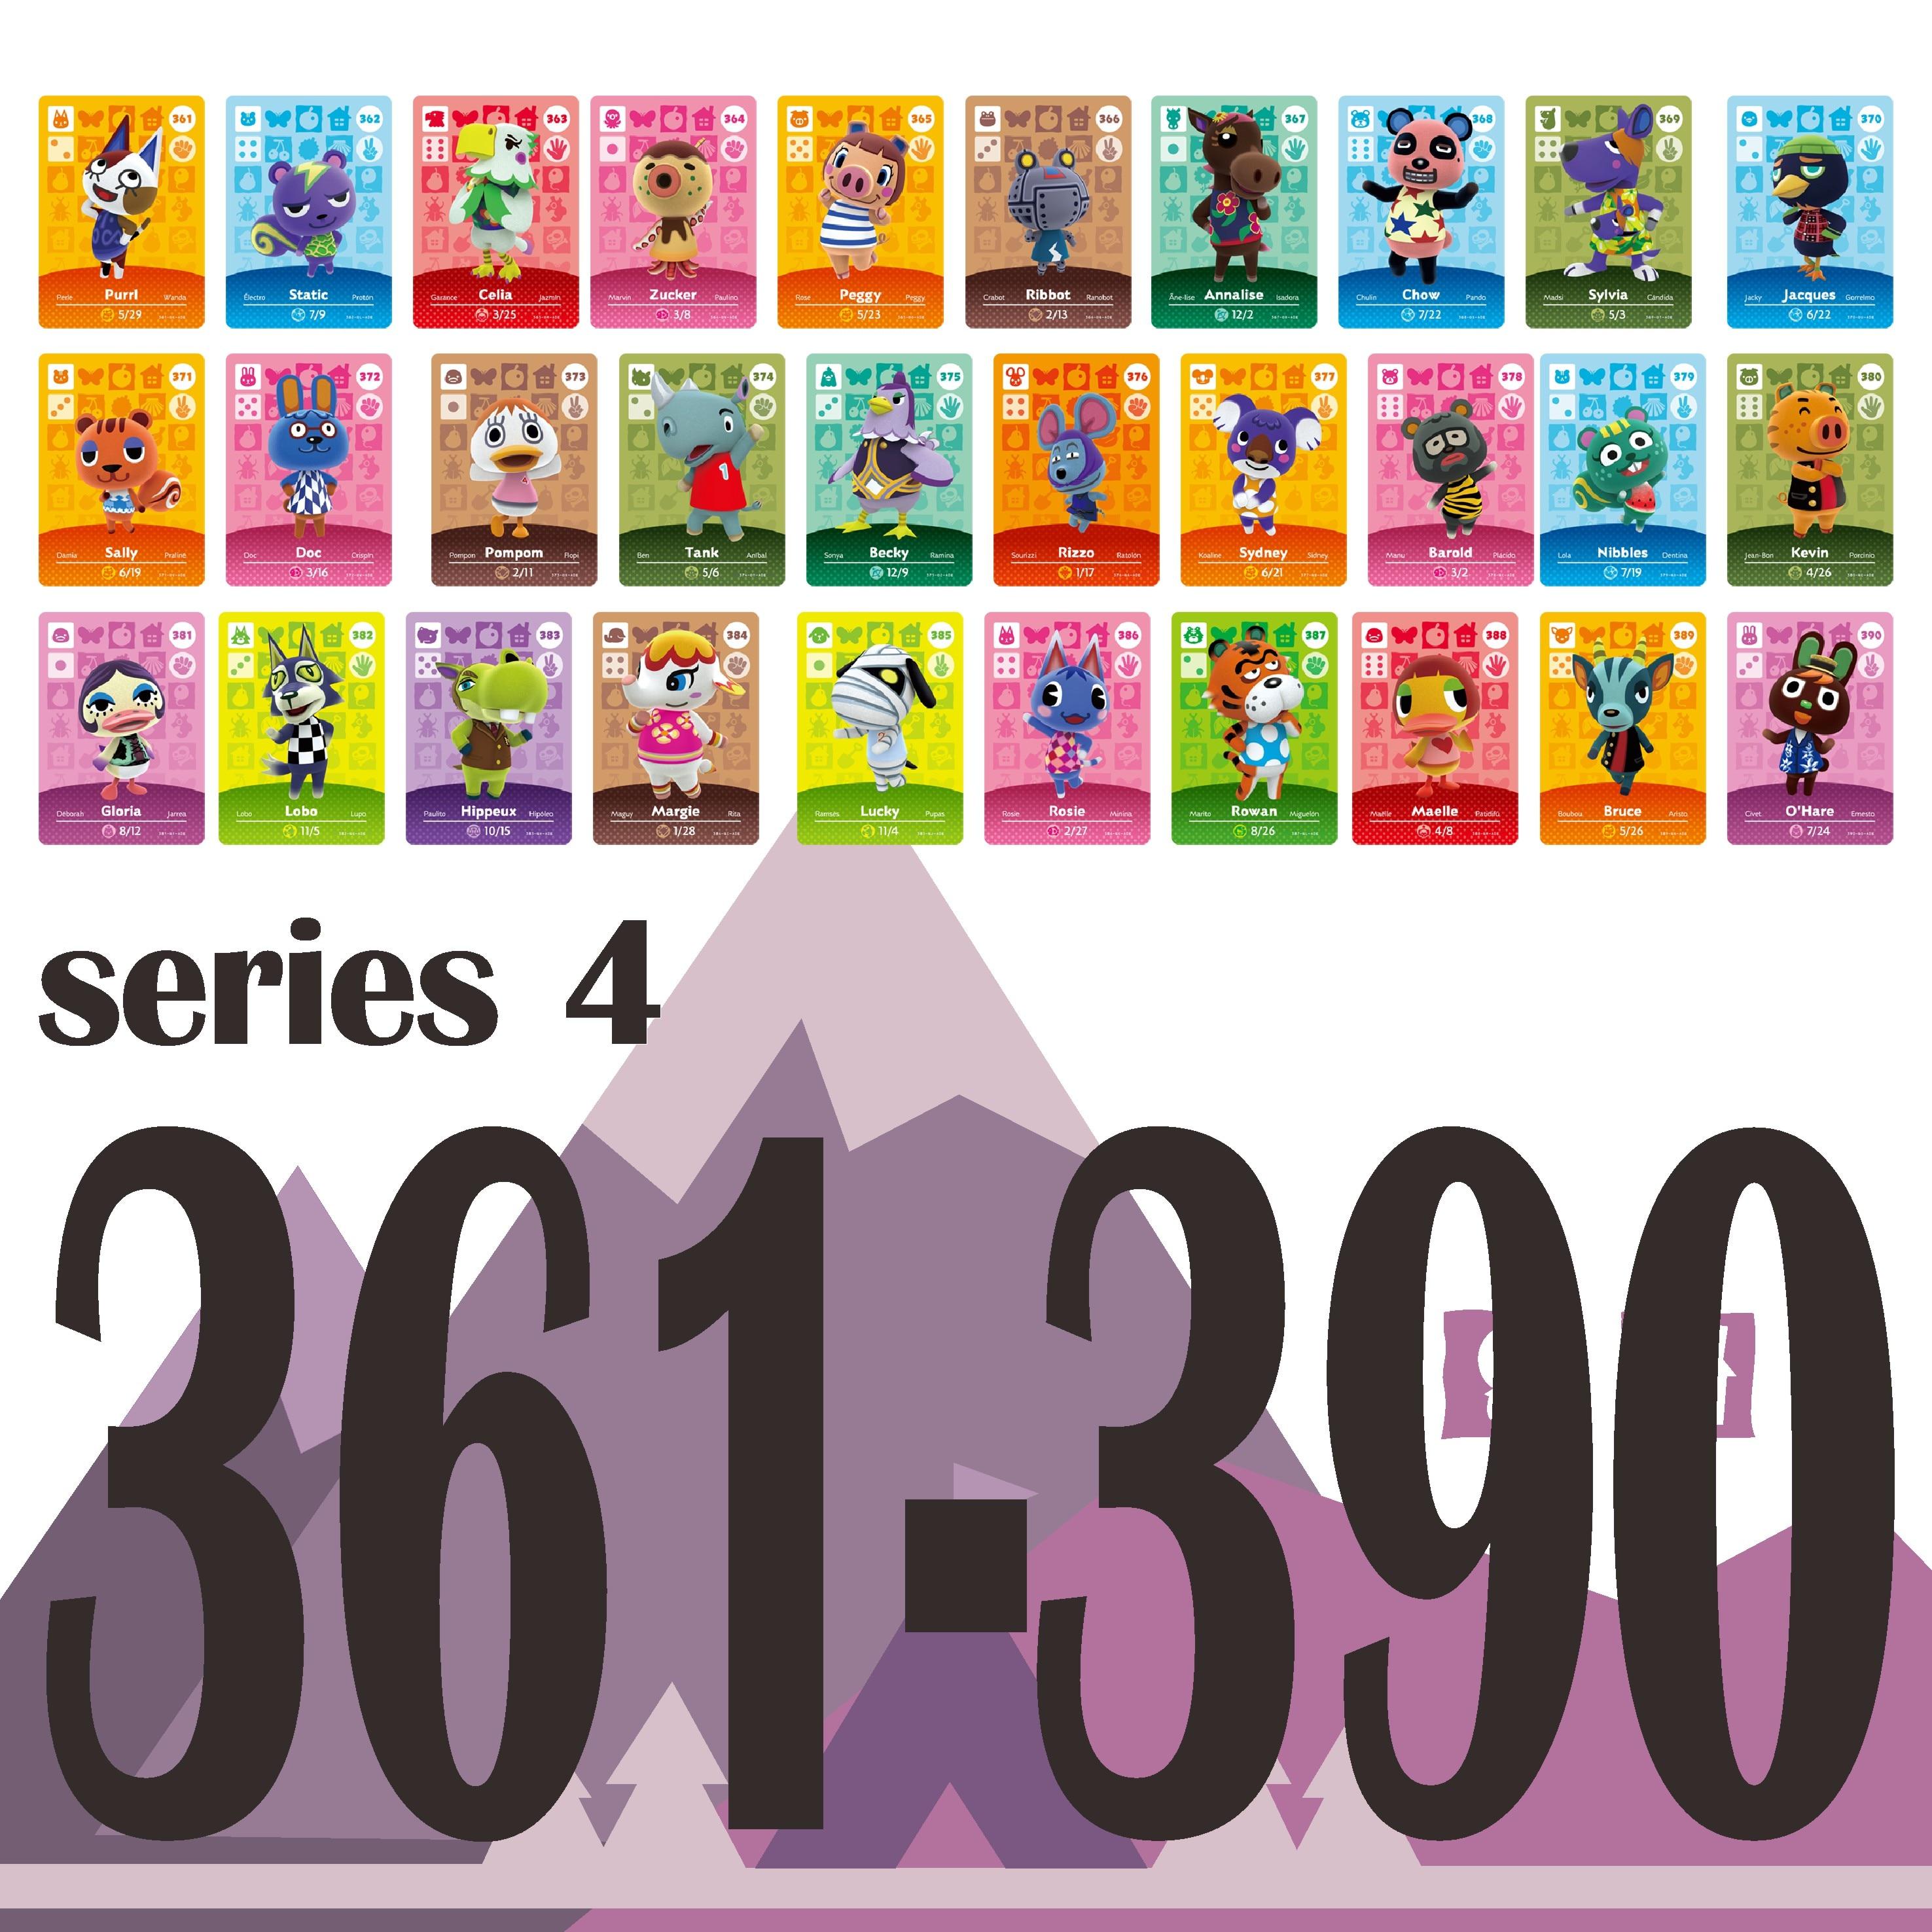 Карточка для скрещивания животных Amiibo карта работы для NS игровой коммутатор Rosie приветственные наклейки Amibo Ankha NFC серия 4 (361 до 390)